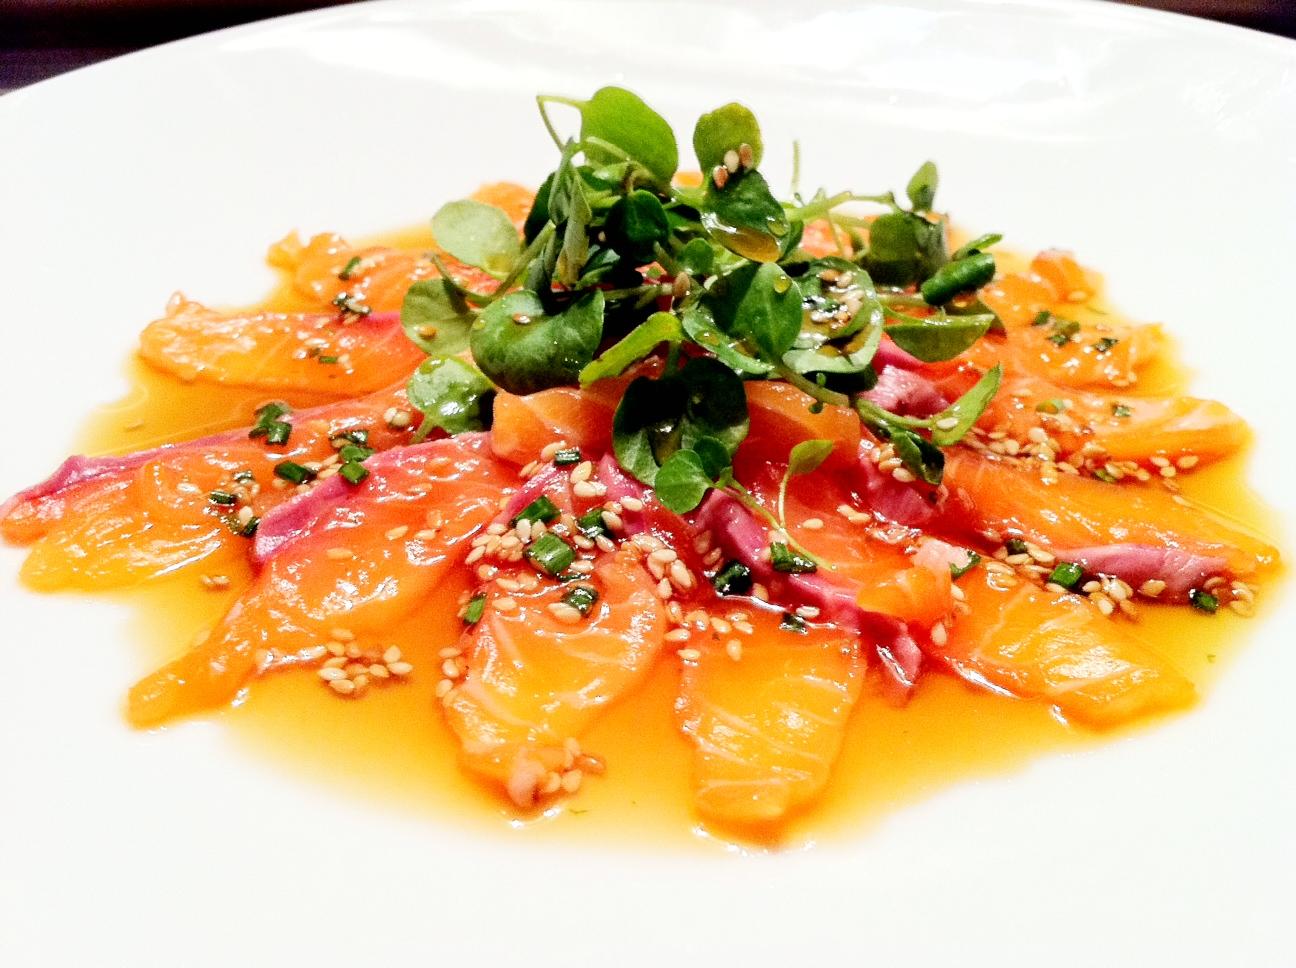 How To make SALMON CARPACCIO - Salmon carpaccio video recipe ...